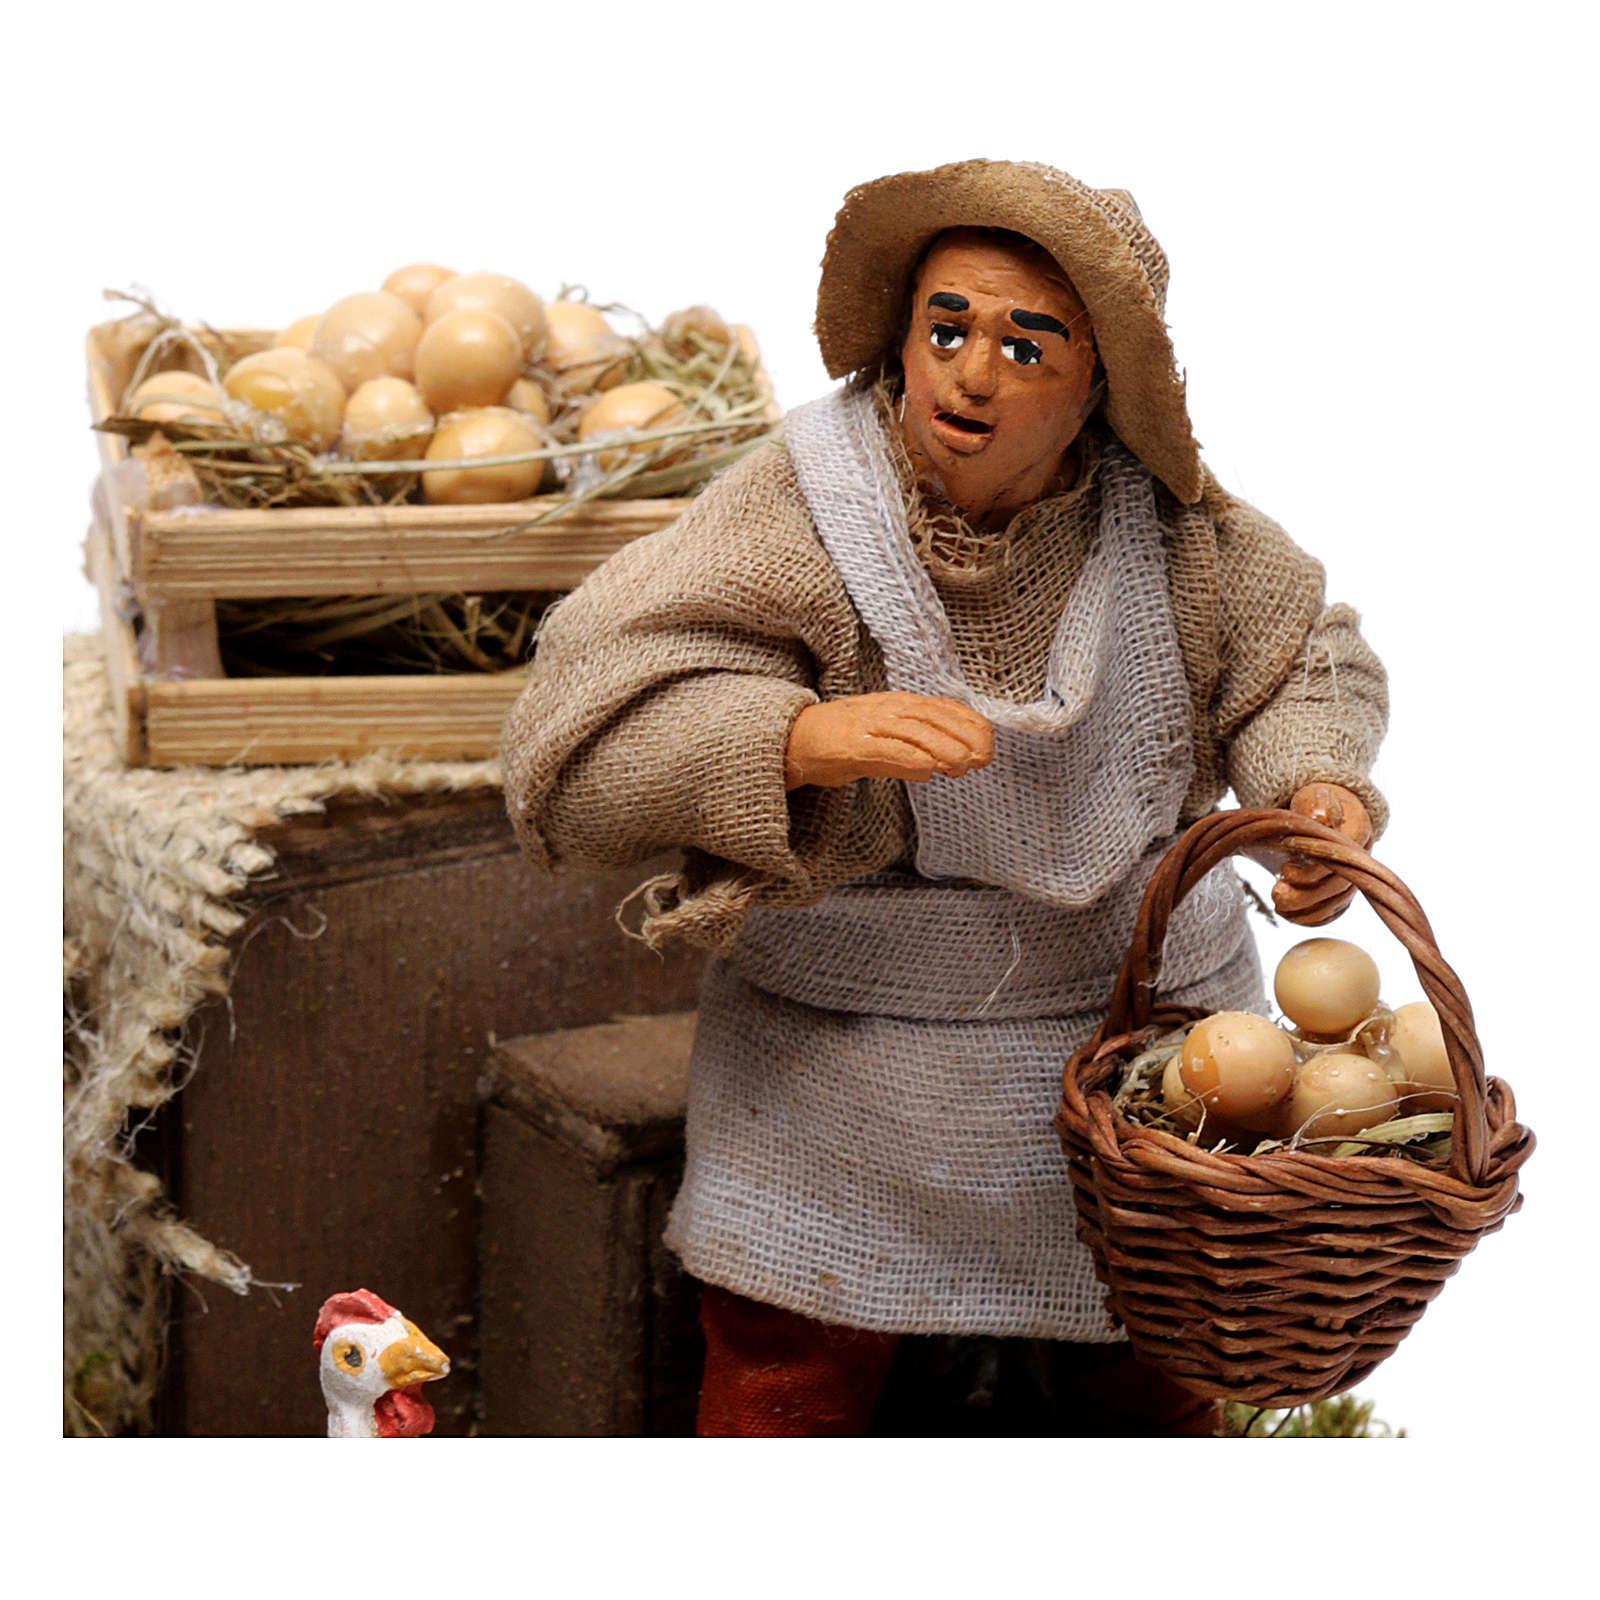 Movimento venditore di uova presepe napoletano 10 cm 4